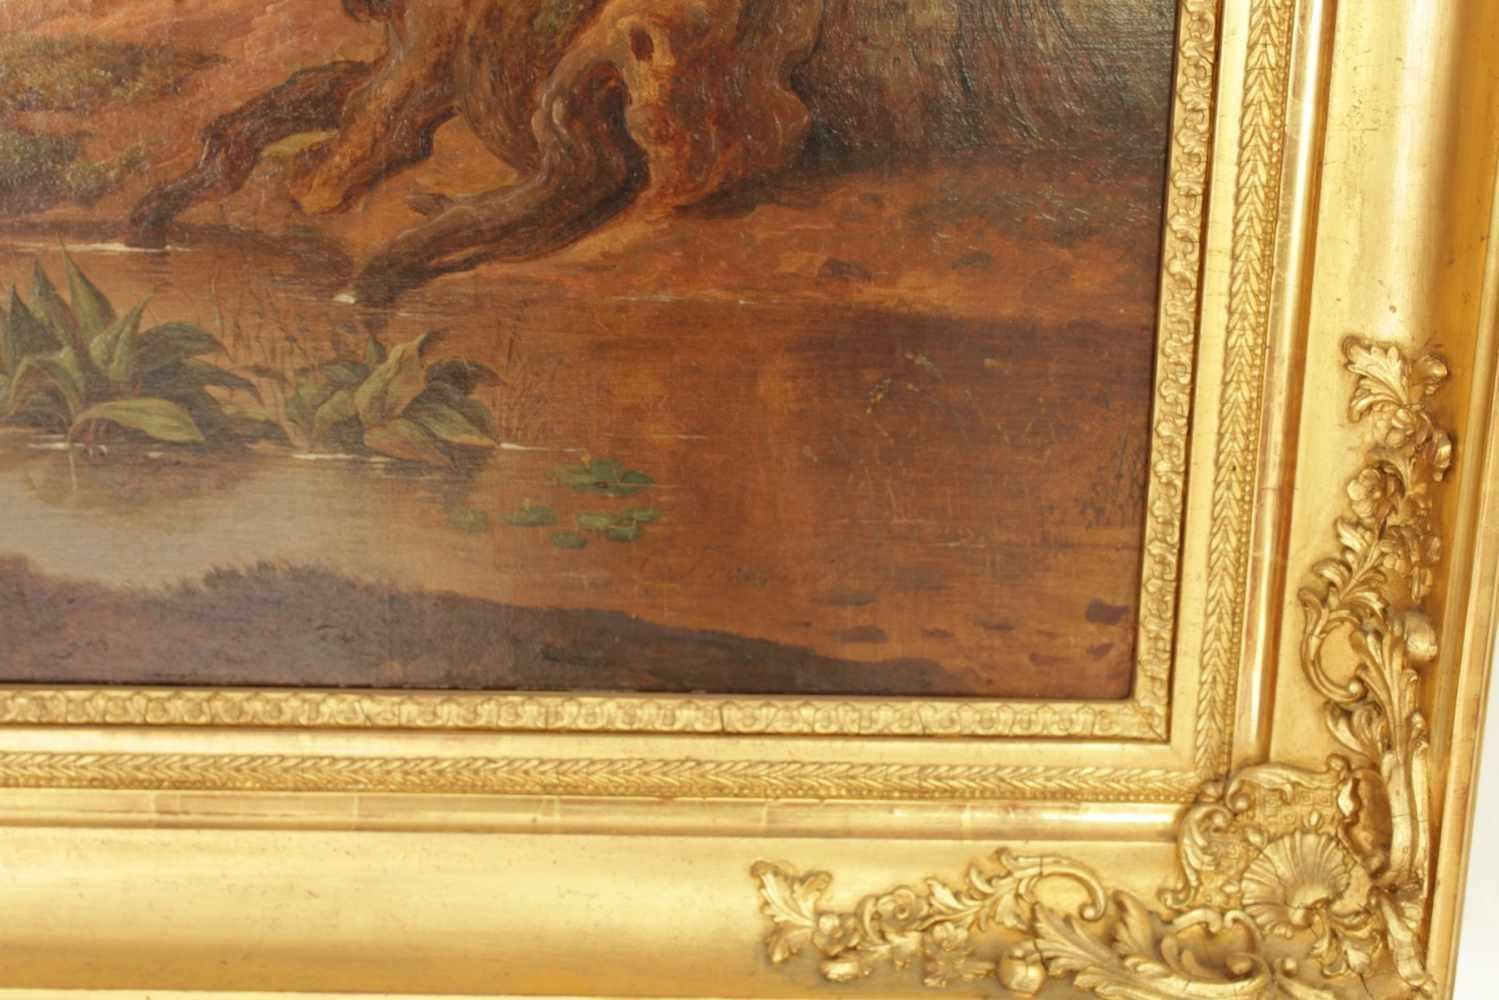 DEUTSCHER SOMMERTRAUM Carl Ludwig Frommel (1789 - 1863), Öl auf Leinwand, 102 x 74 cm, in - Image 2 of 2